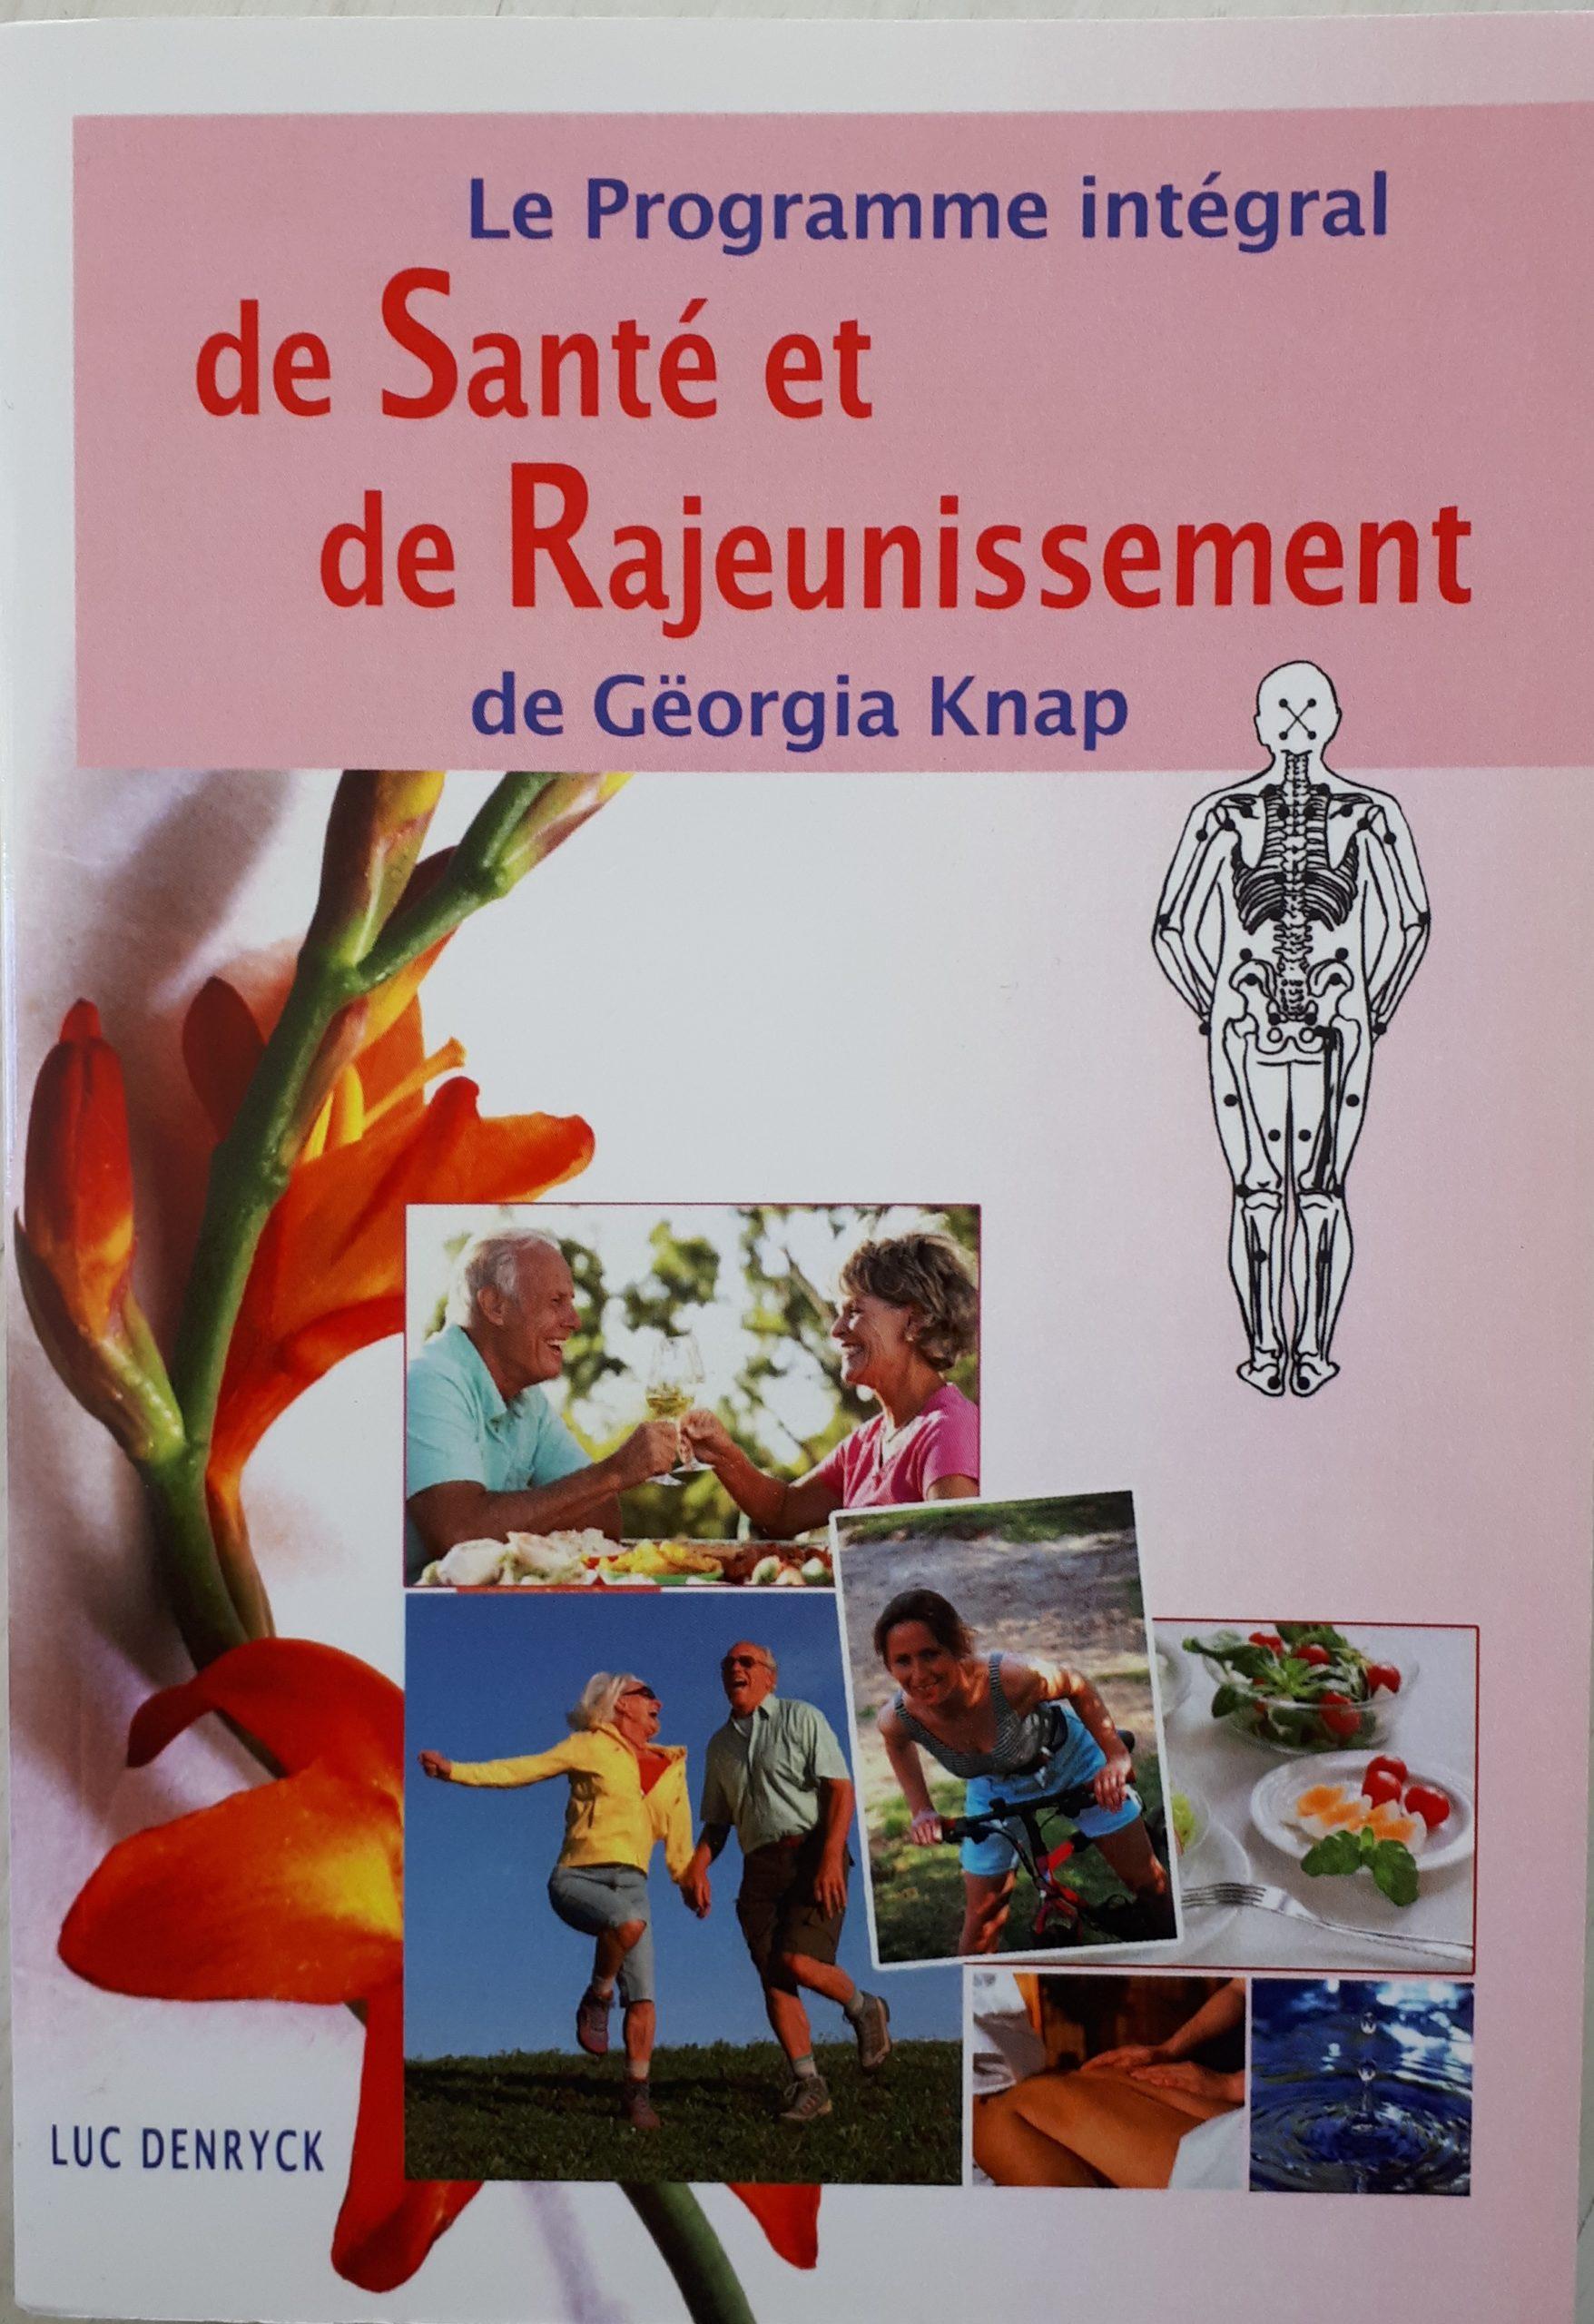 Supernaturo-Le programme intégral de santé et de rajeunissement de Gëorgia Knap